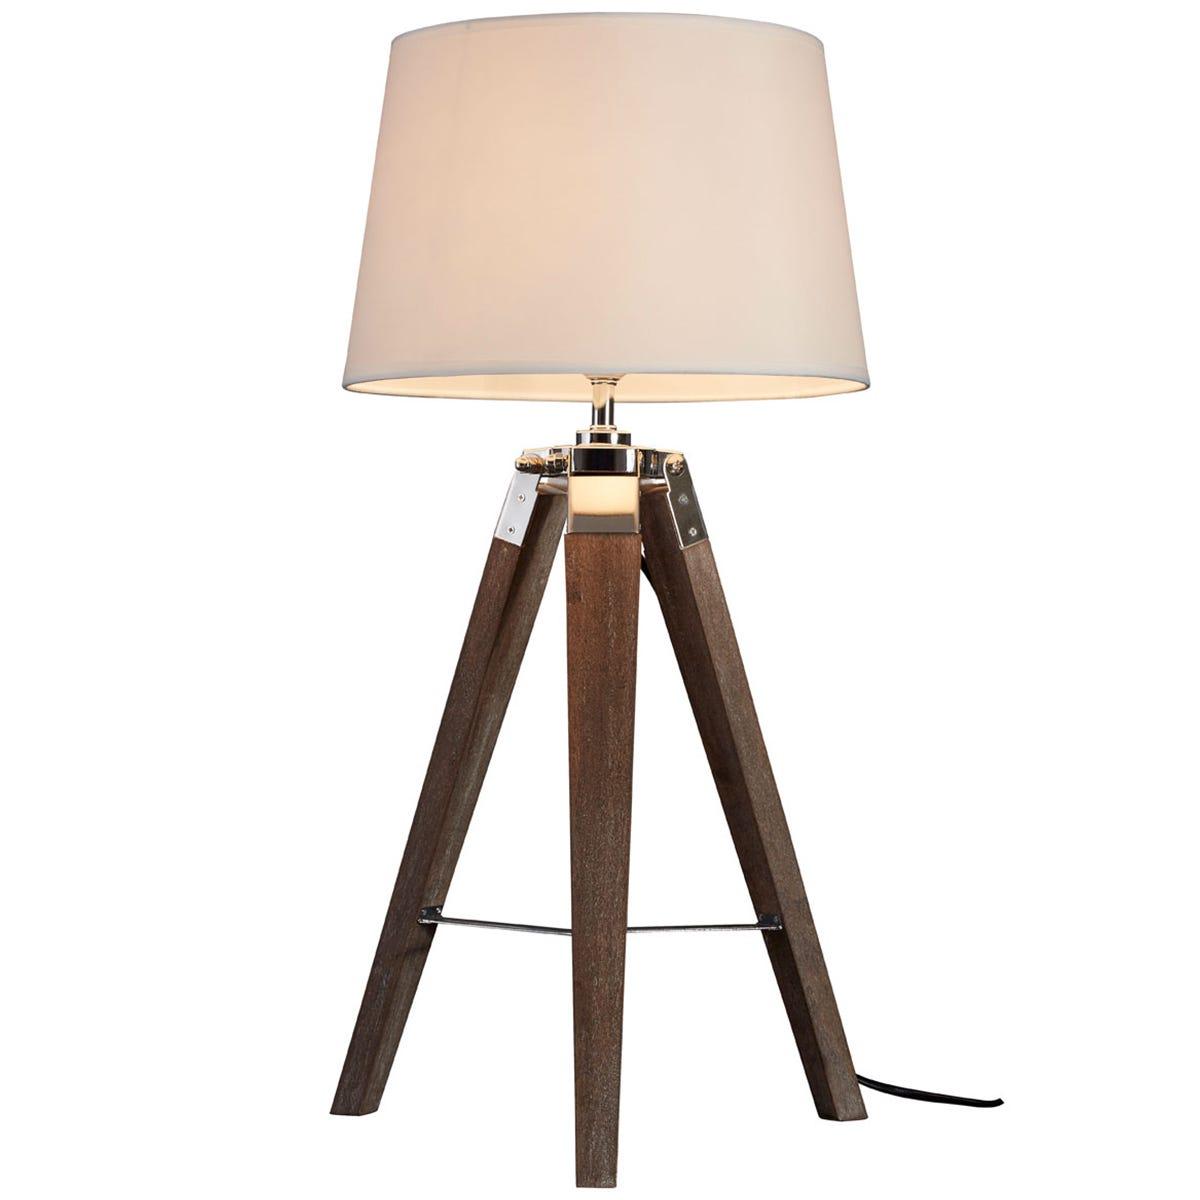 Premier Housewares Bailey Table Lamp Brown / Tripod